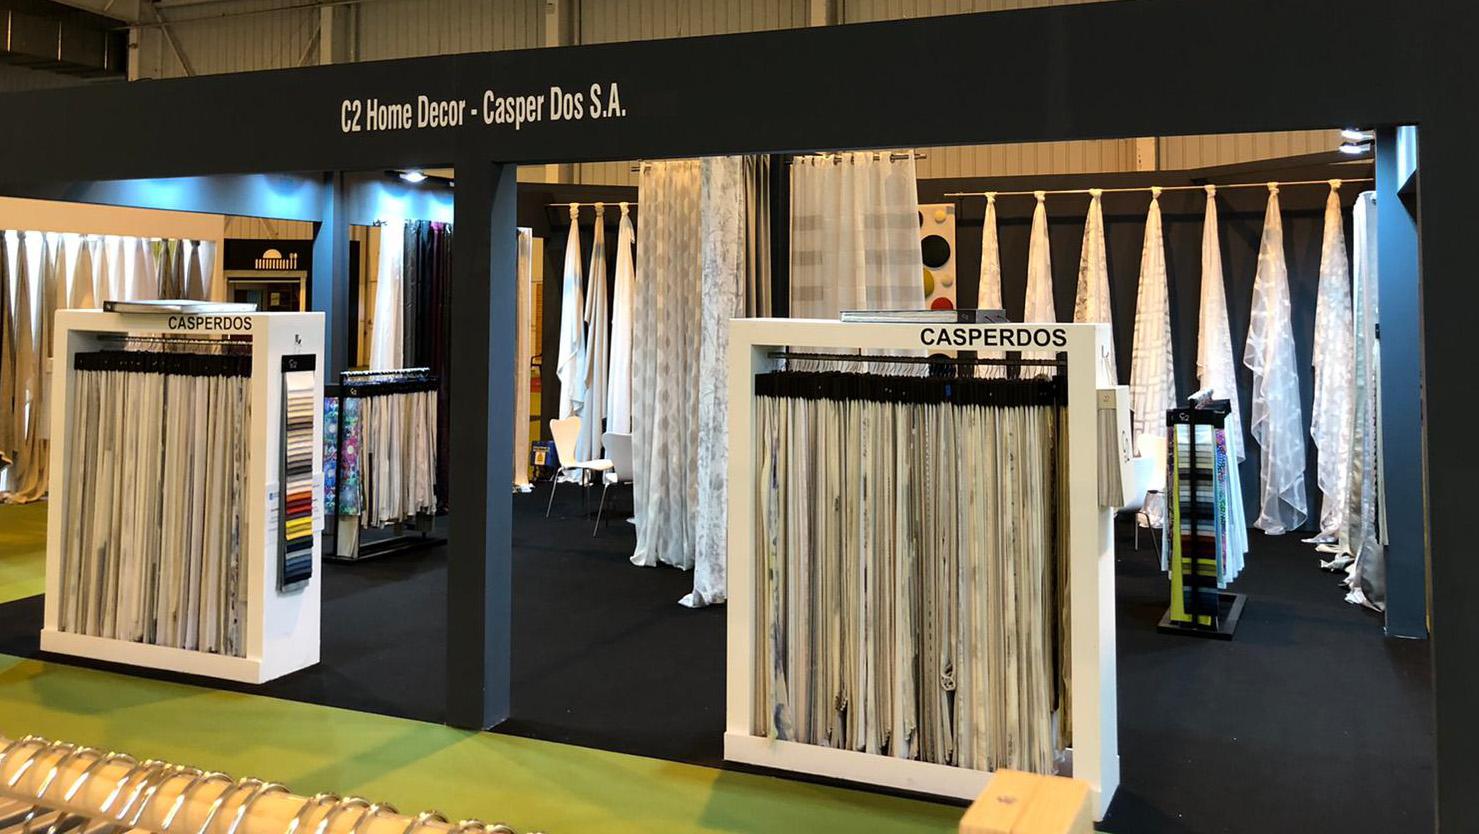 La nueva colección C2 Home Decor, presentada en la Feria del Mueble de Zaragoza